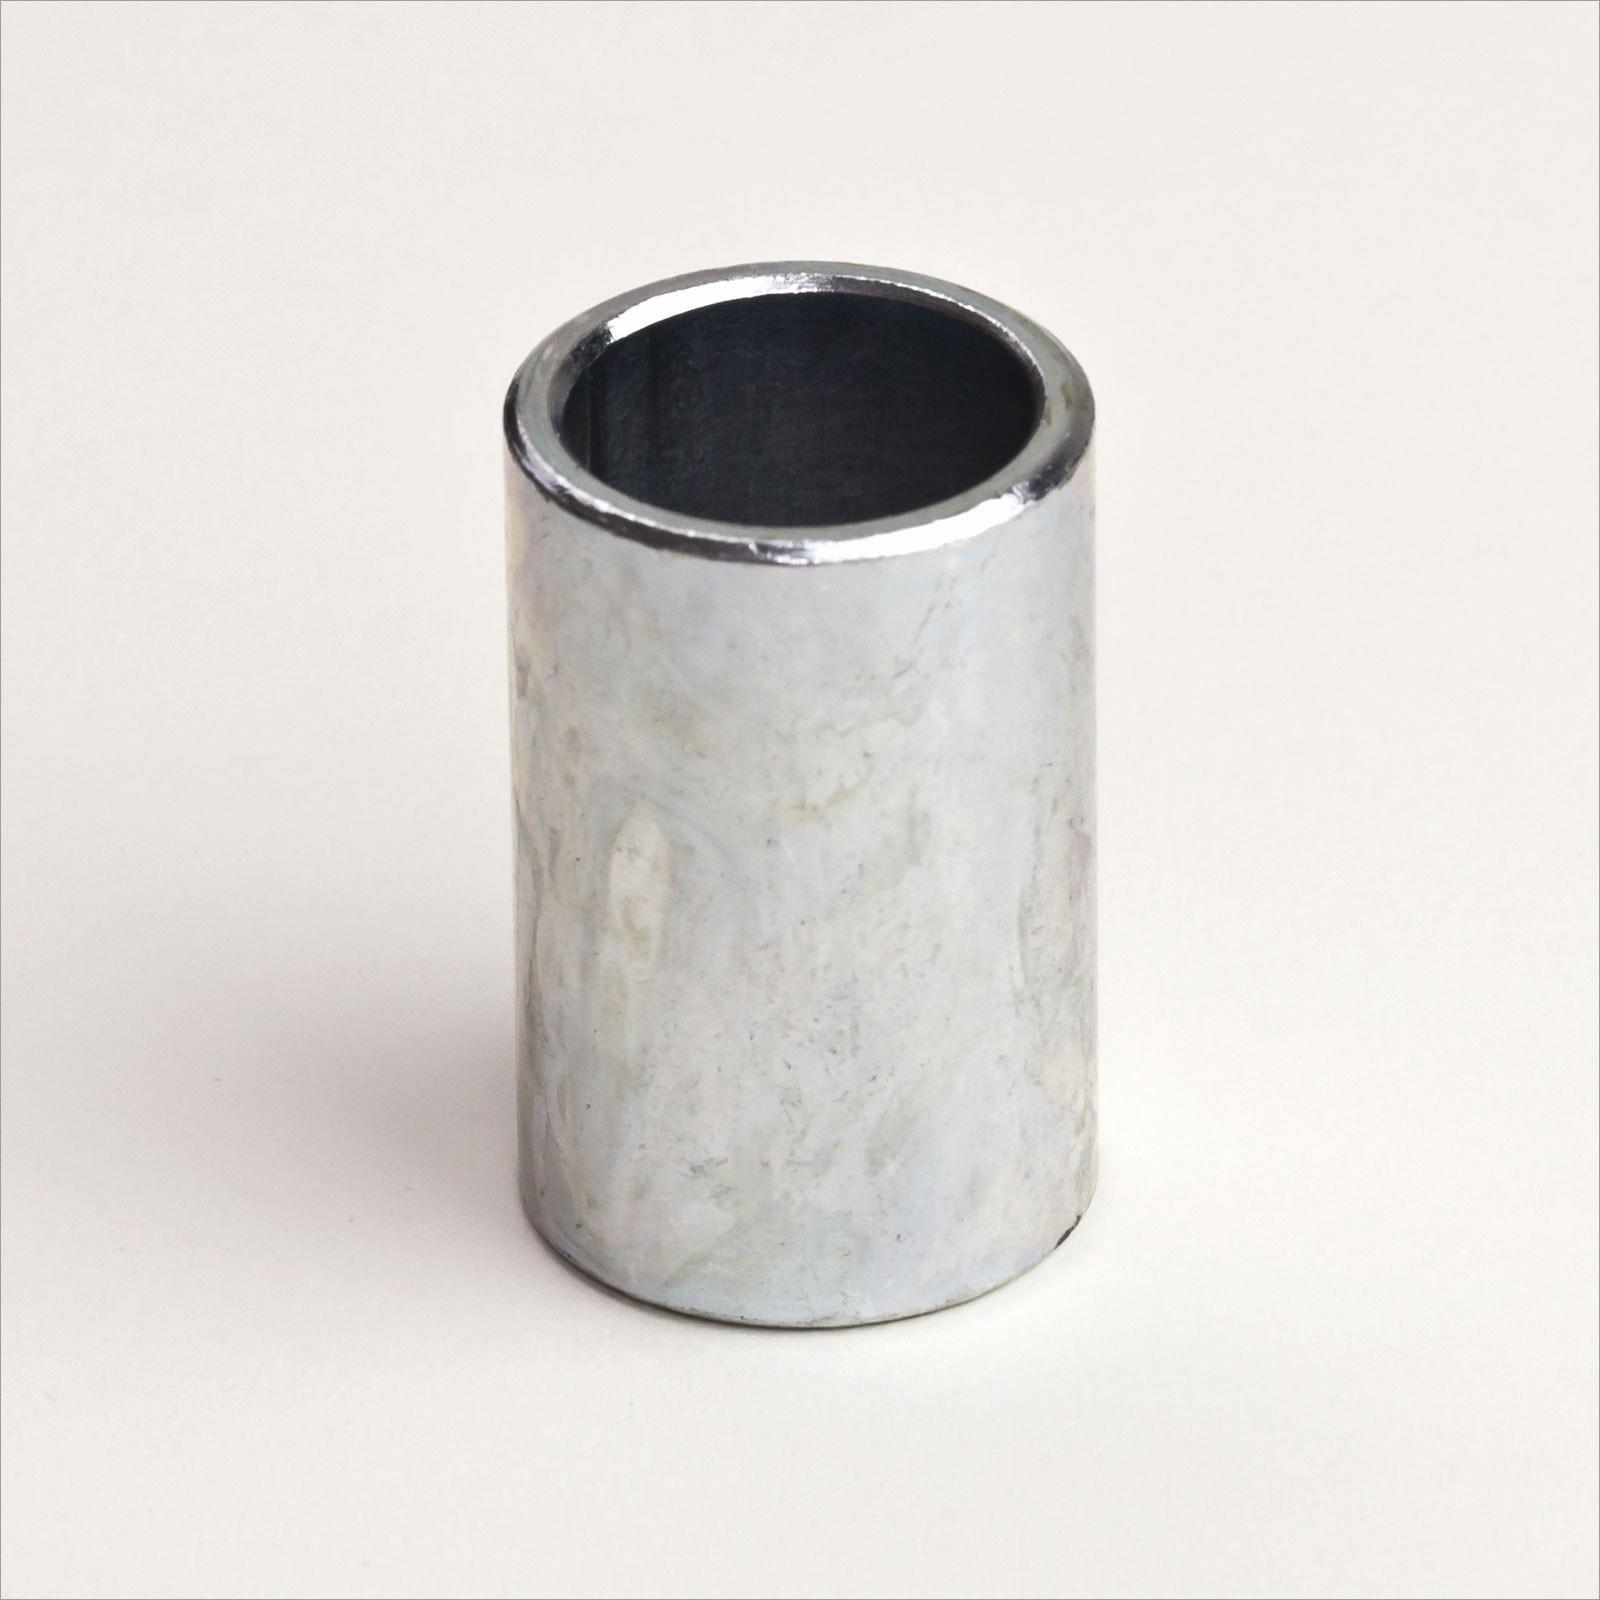 32 auf 25 mm Neu Kat 3-2 Reduzierbuchse für Oberlenker Reduzierhülse